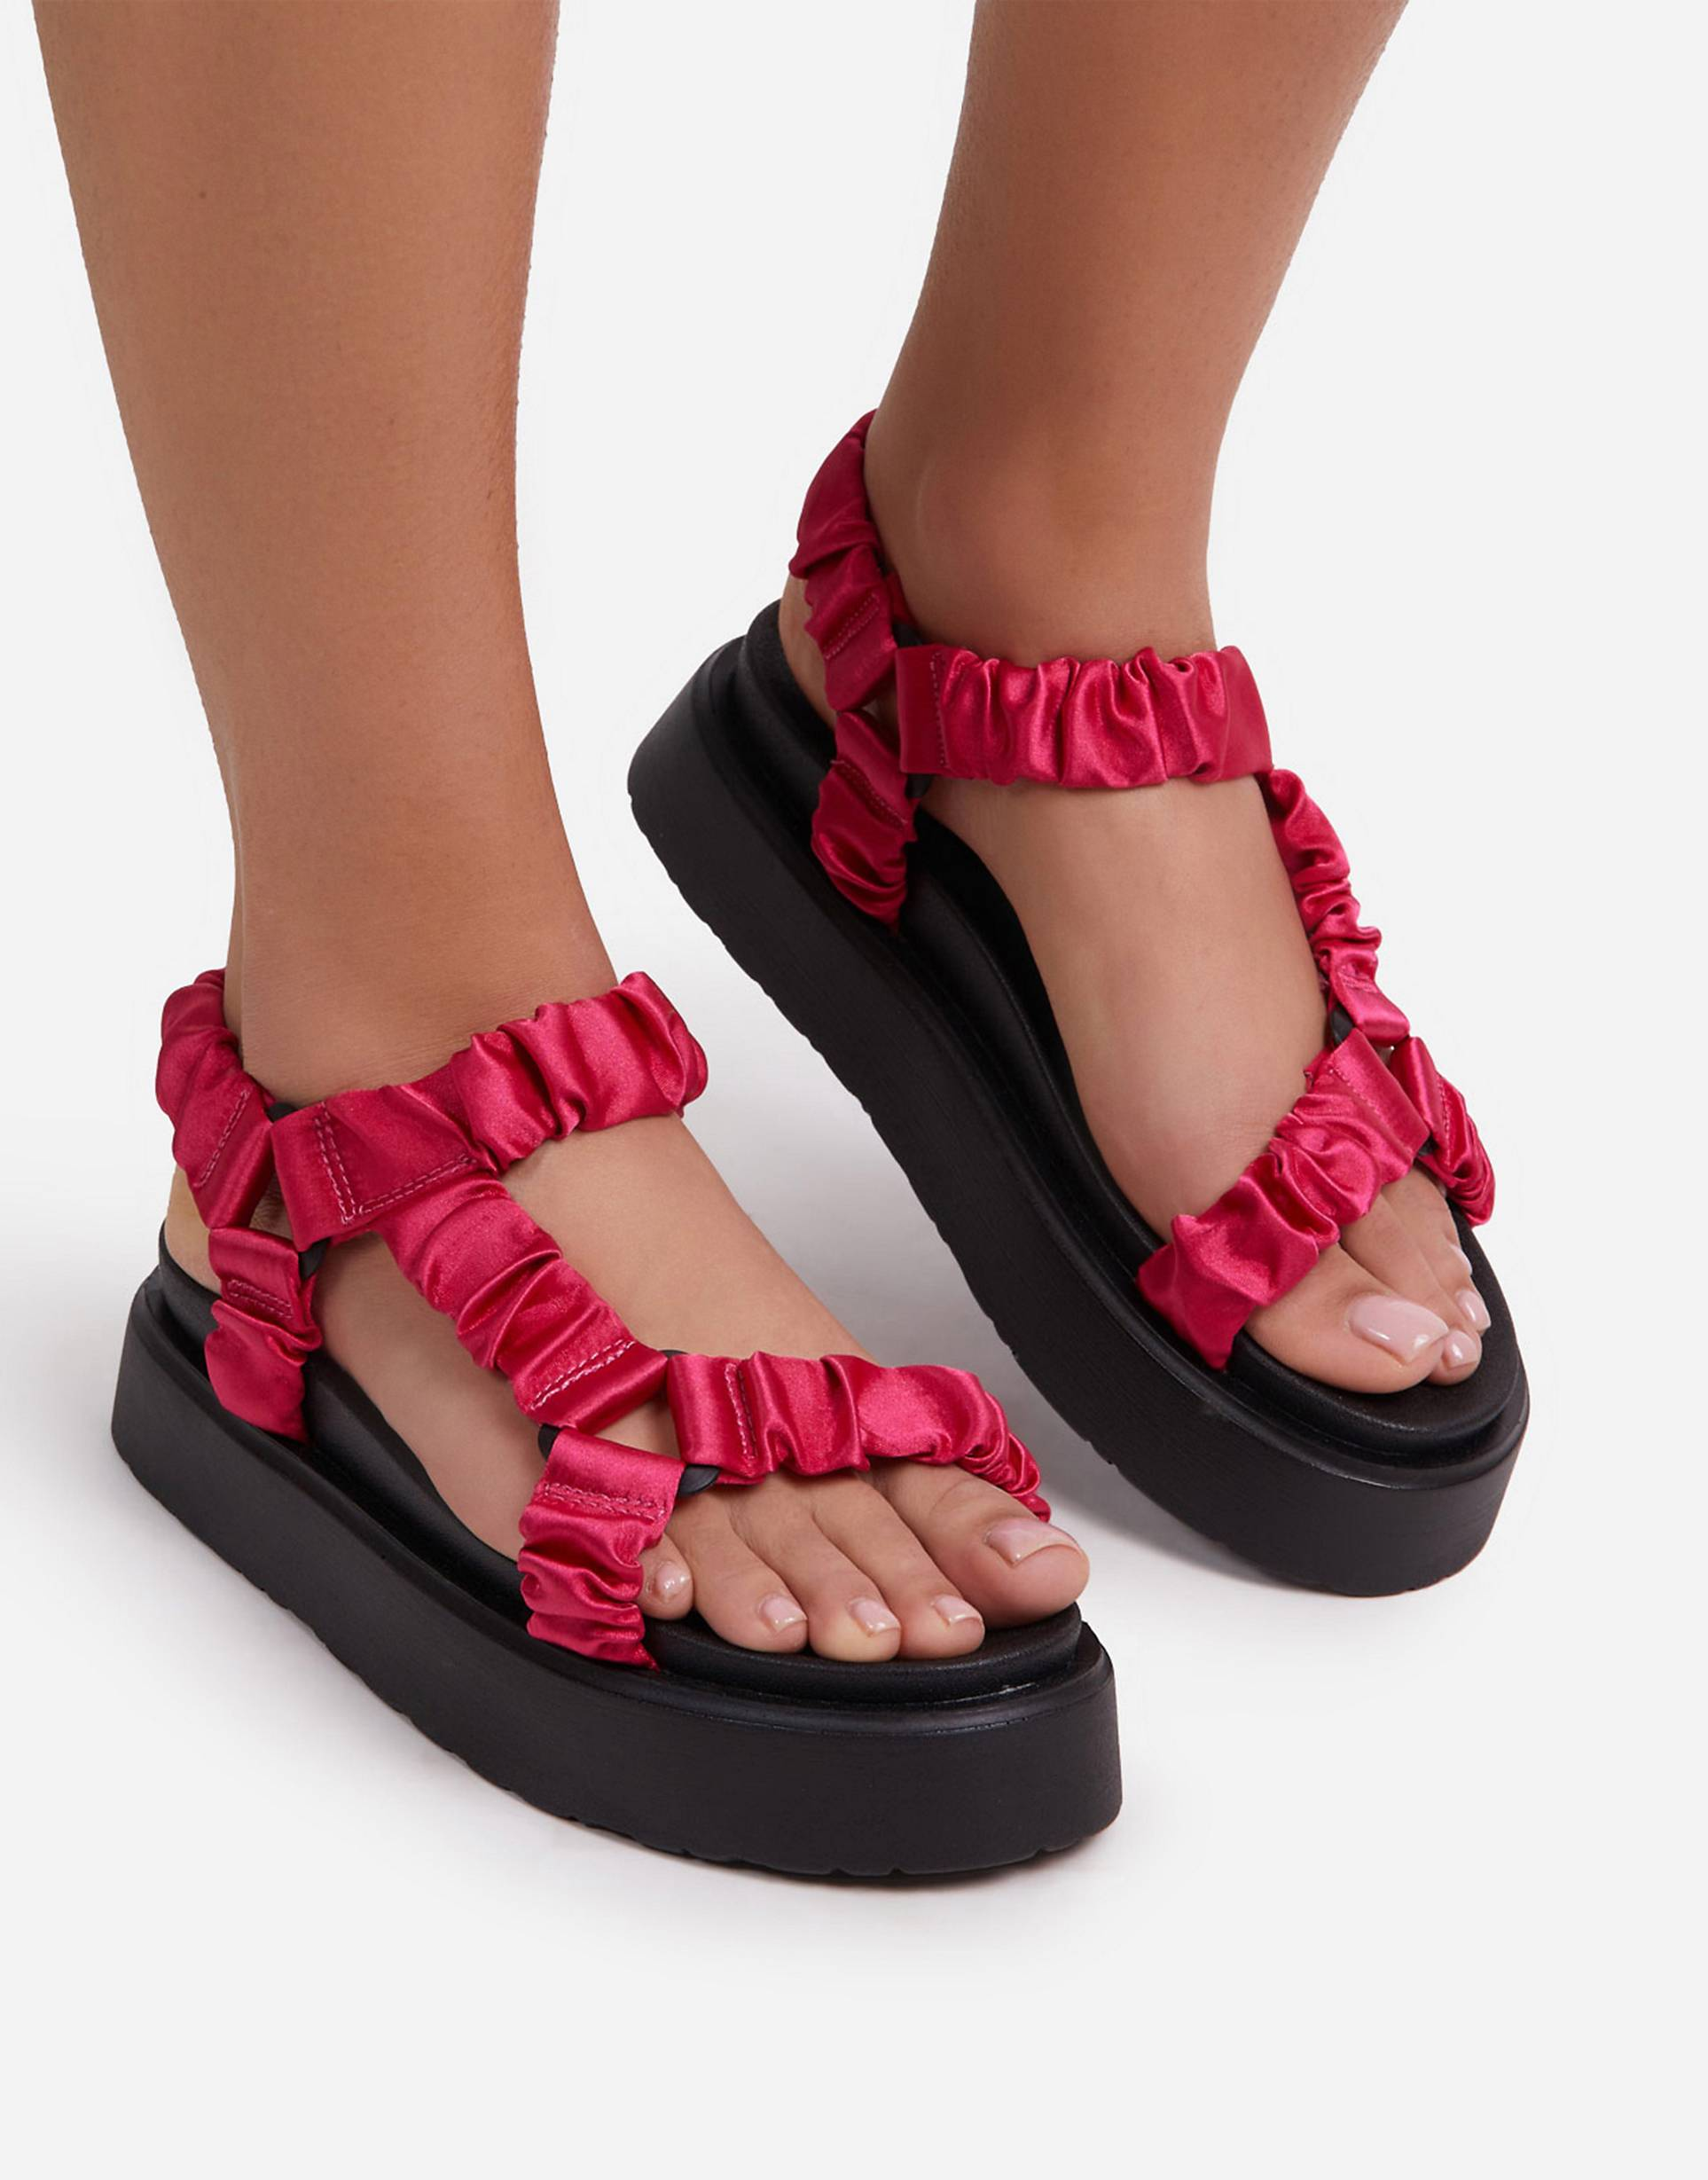 Sandalias rosas con tiras fruncidas y plataforma plana.